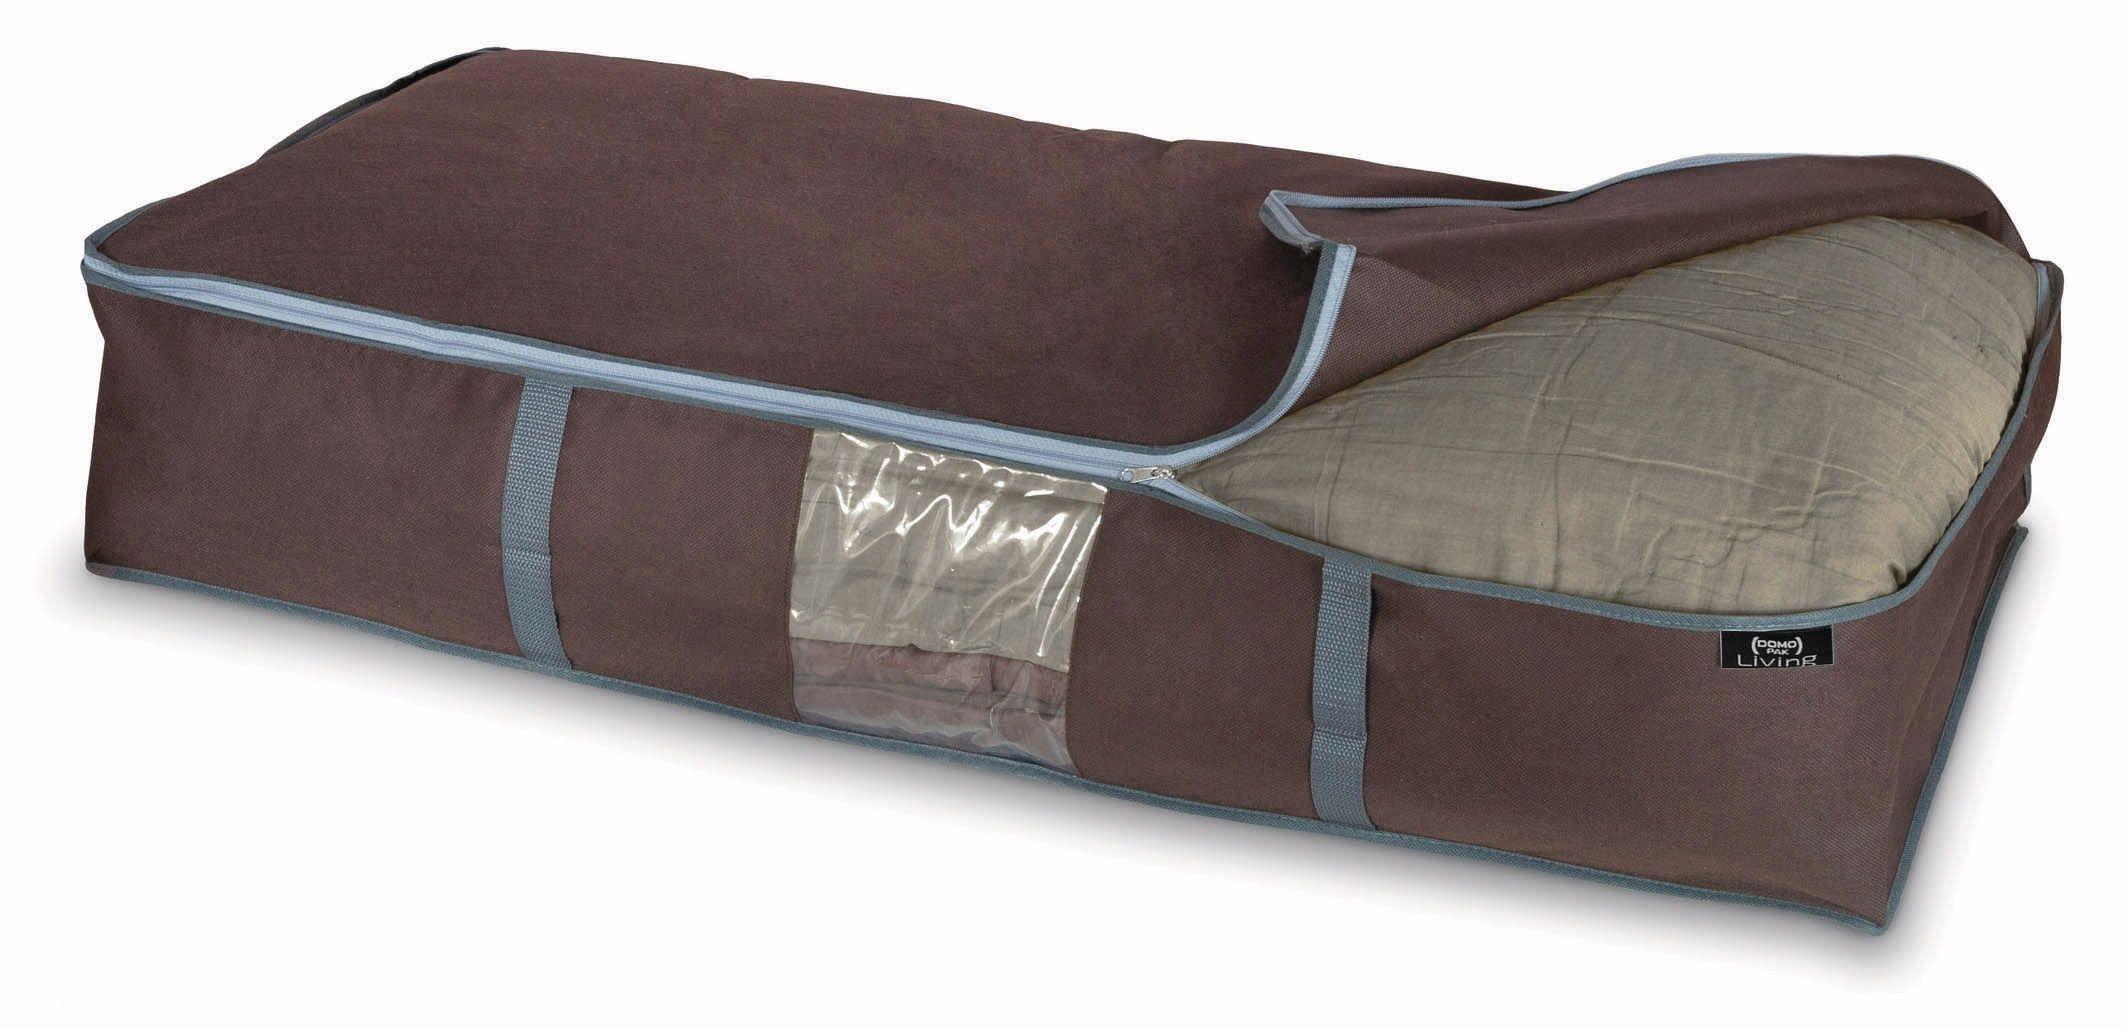 Organizator textil pliabil cu fermoar, Classic XL Maro, L95xl45xH18 cm